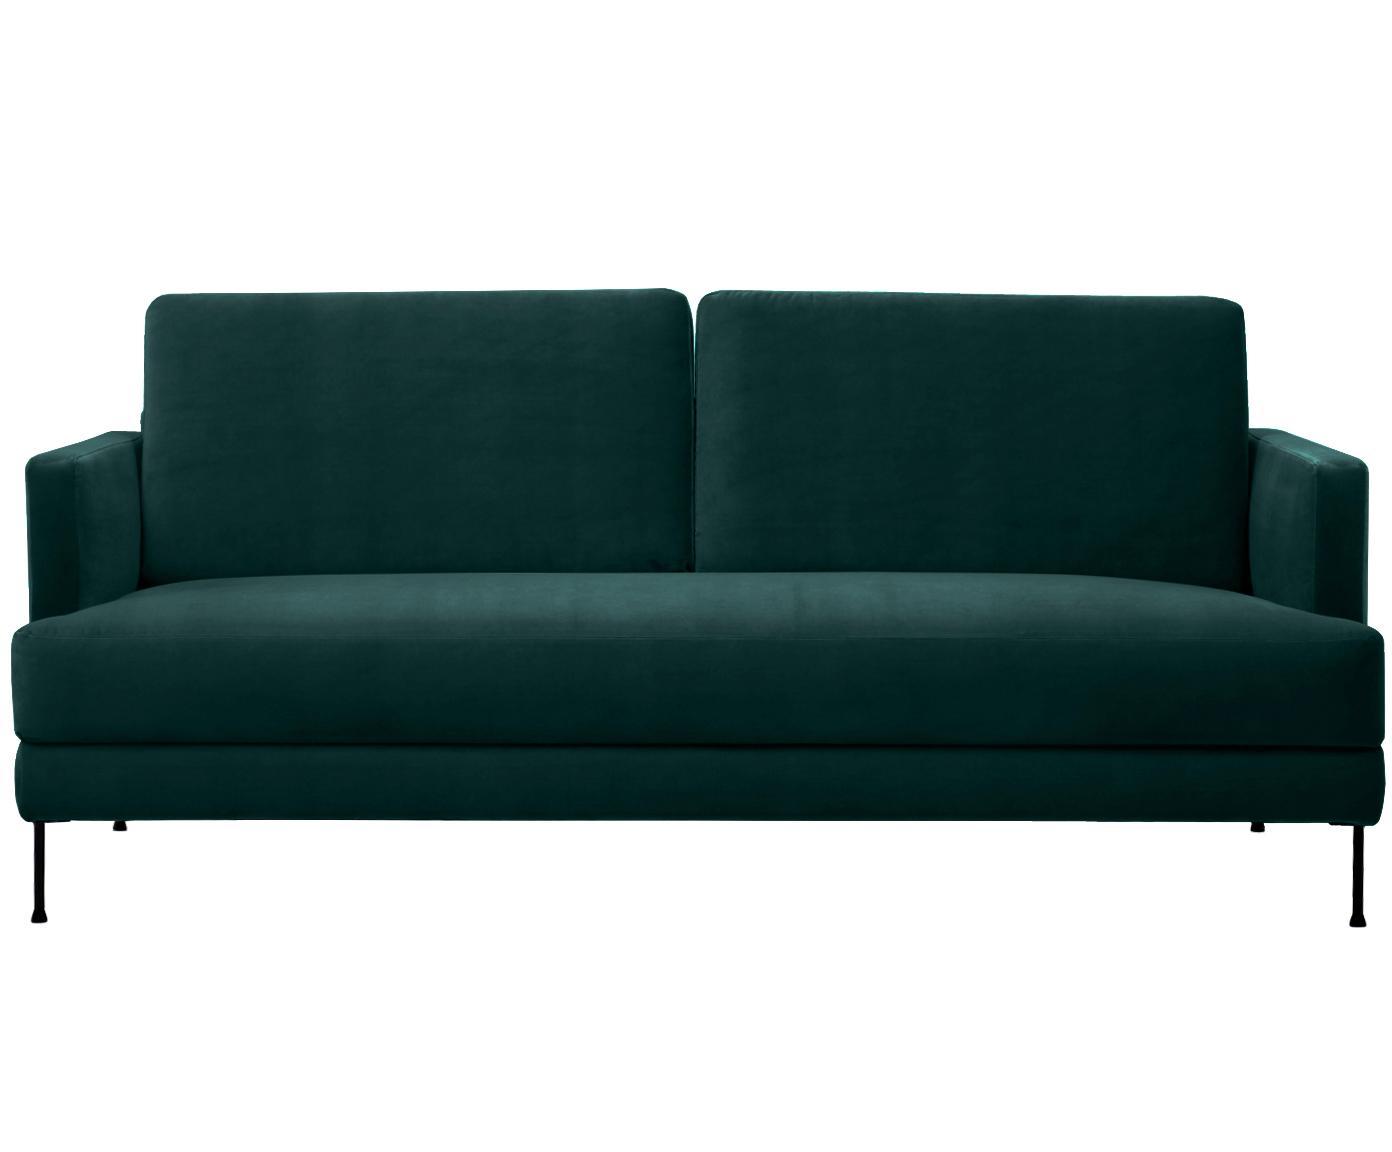 Sofa z aksamitu Fluente (3-osobowa), Tapicerka: aksamit (wysokiej jakości, Stelaż: lite drewno sosnowe, Nogi: metal lakierowany, Ciemnozielony aksamit, S 197 x G 83 cm